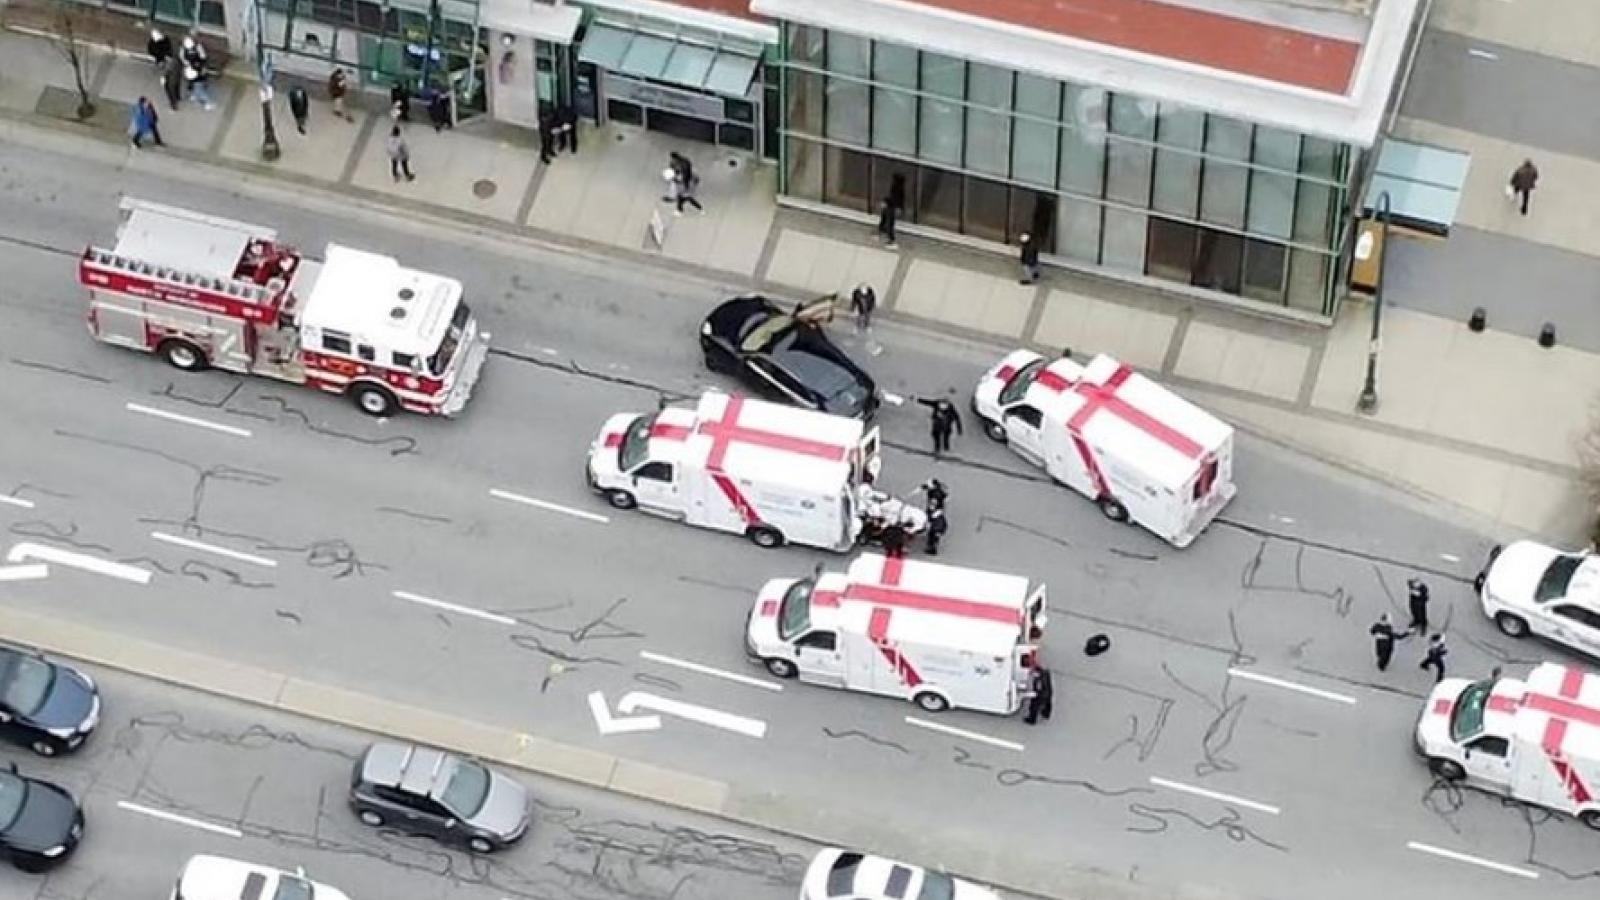 Tấn công bằng dao tại Canada: 6 người thương vong, nghi phạm bị bắt giữ